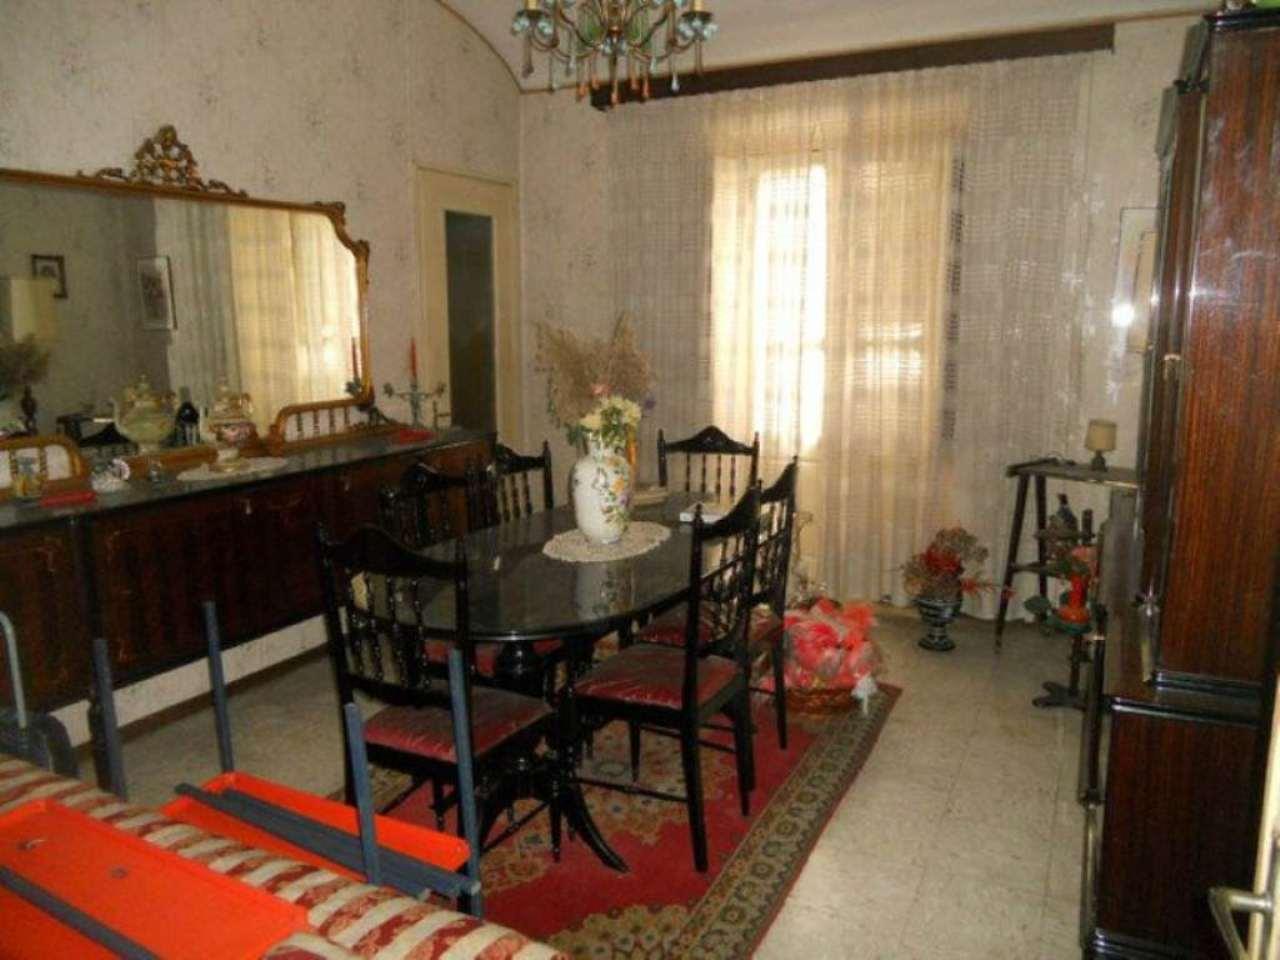 Appartamento in vendita a Bussoleno, 4 locali, prezzo € 55.000 | CambioCasa.it